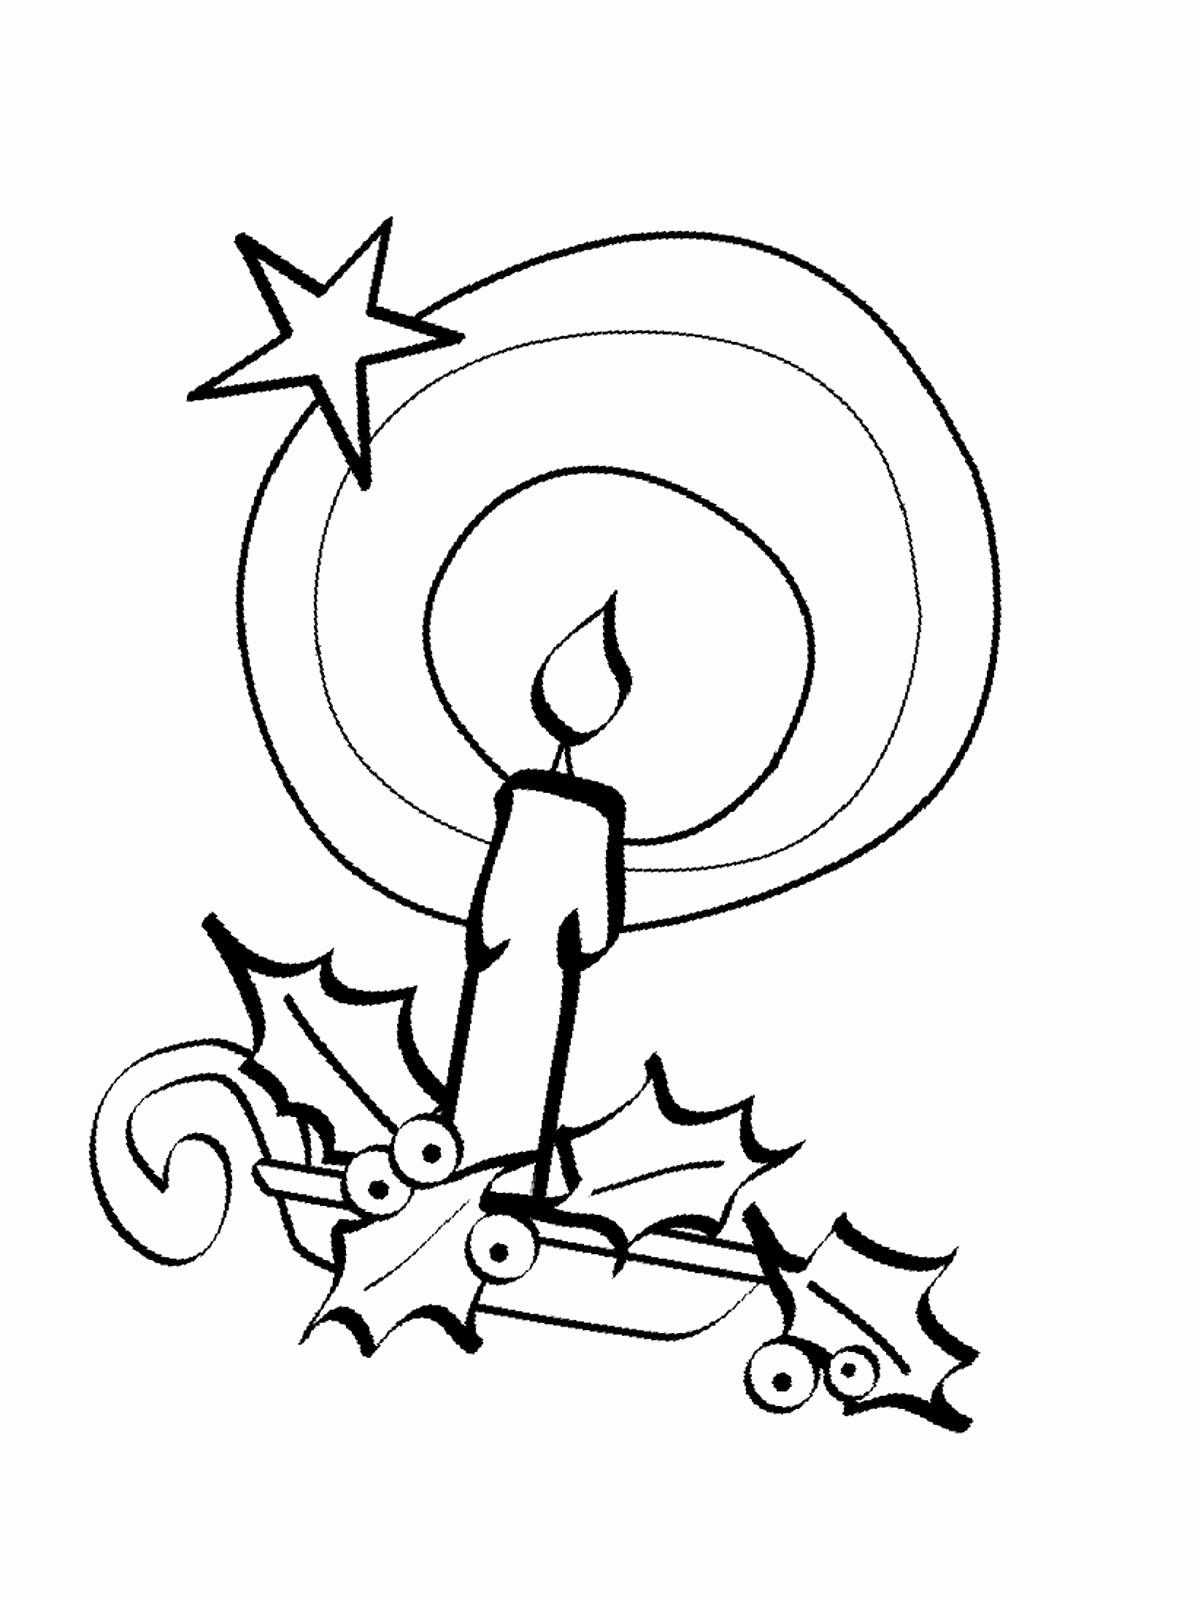 Ausmalbilder Advent Weihnachten Kostenlos Neu Malvorlagen Tannenbaum Ausdrucken Frisch Ausmalbilder Advent Bilder